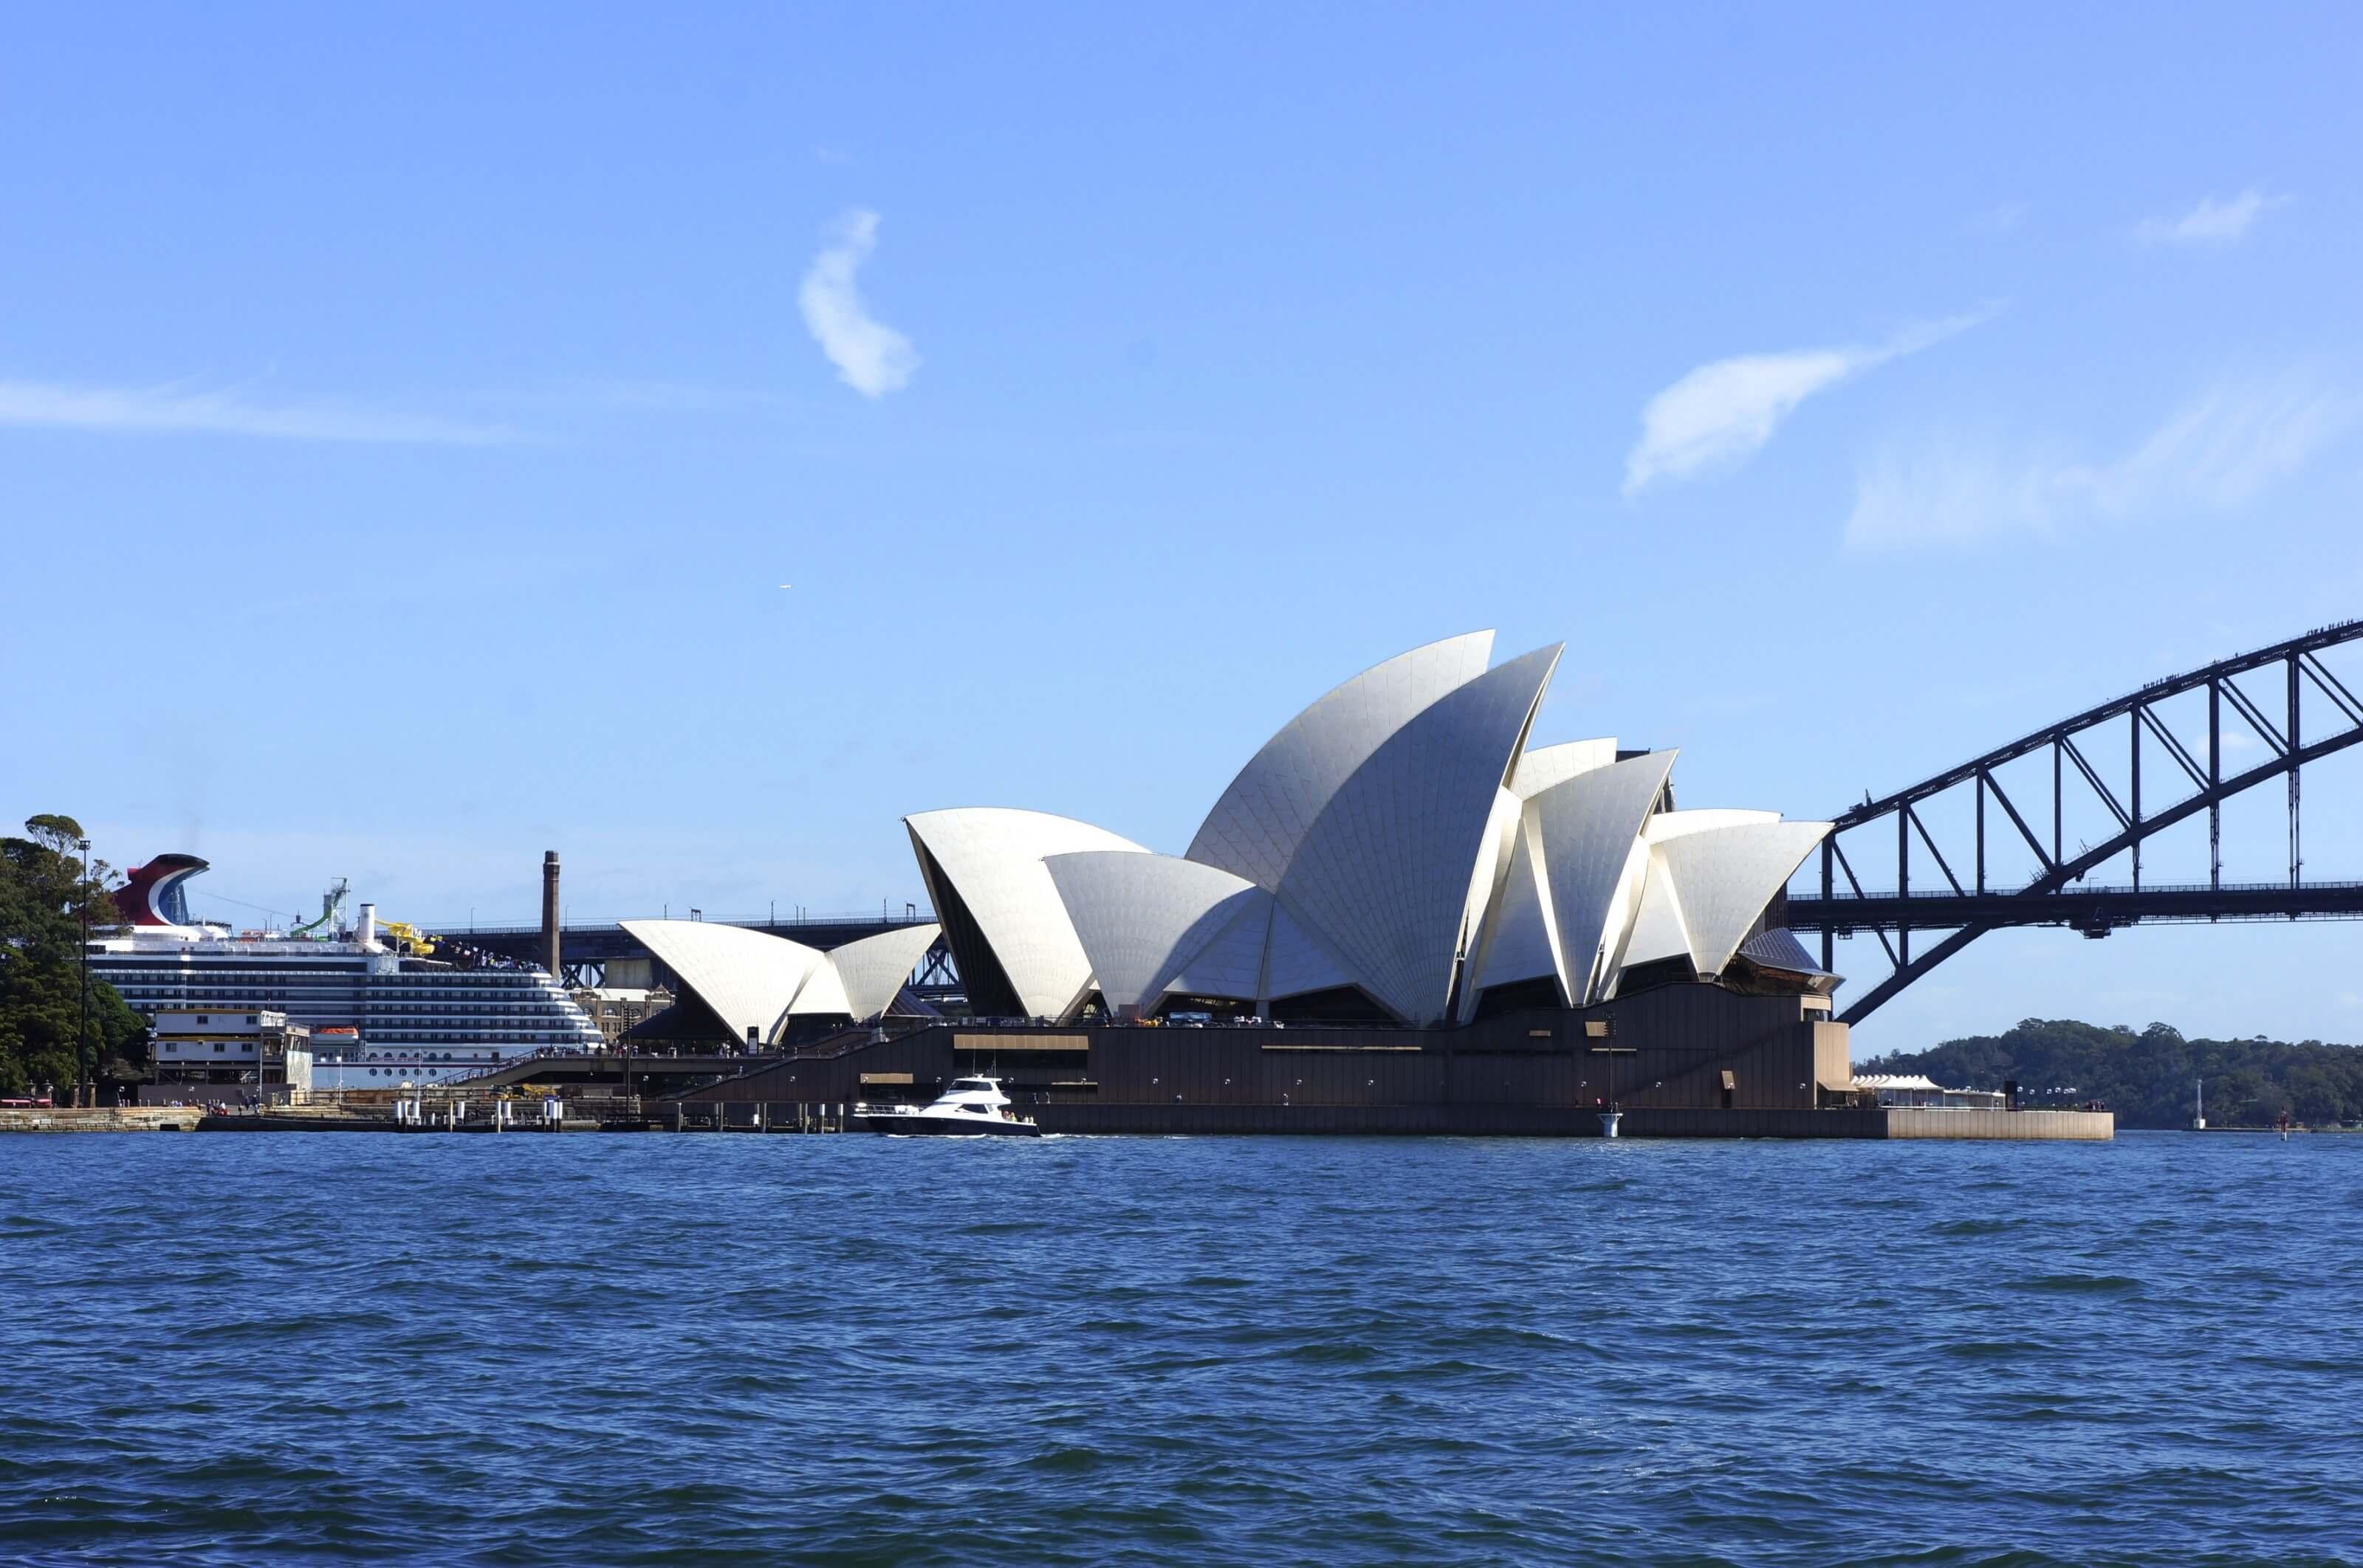 plus de 50 ans datant Australie Groupe rencontres App Londres